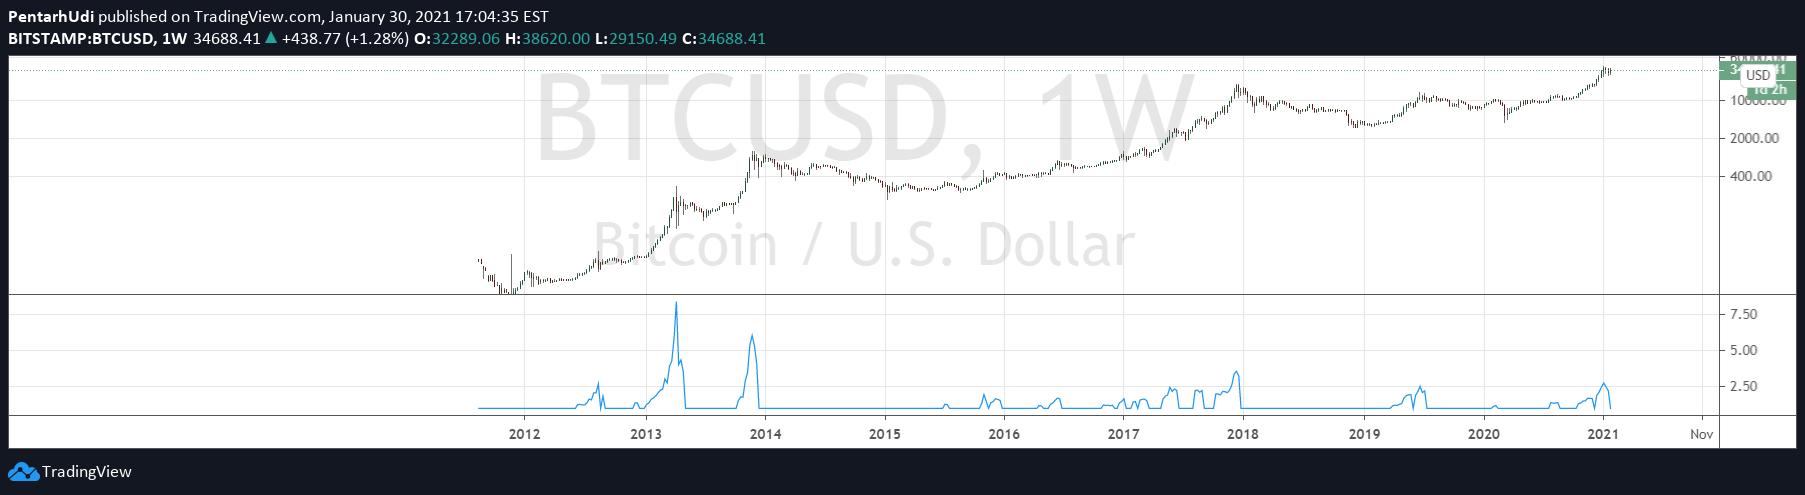 tradingview bitcoin bubble)